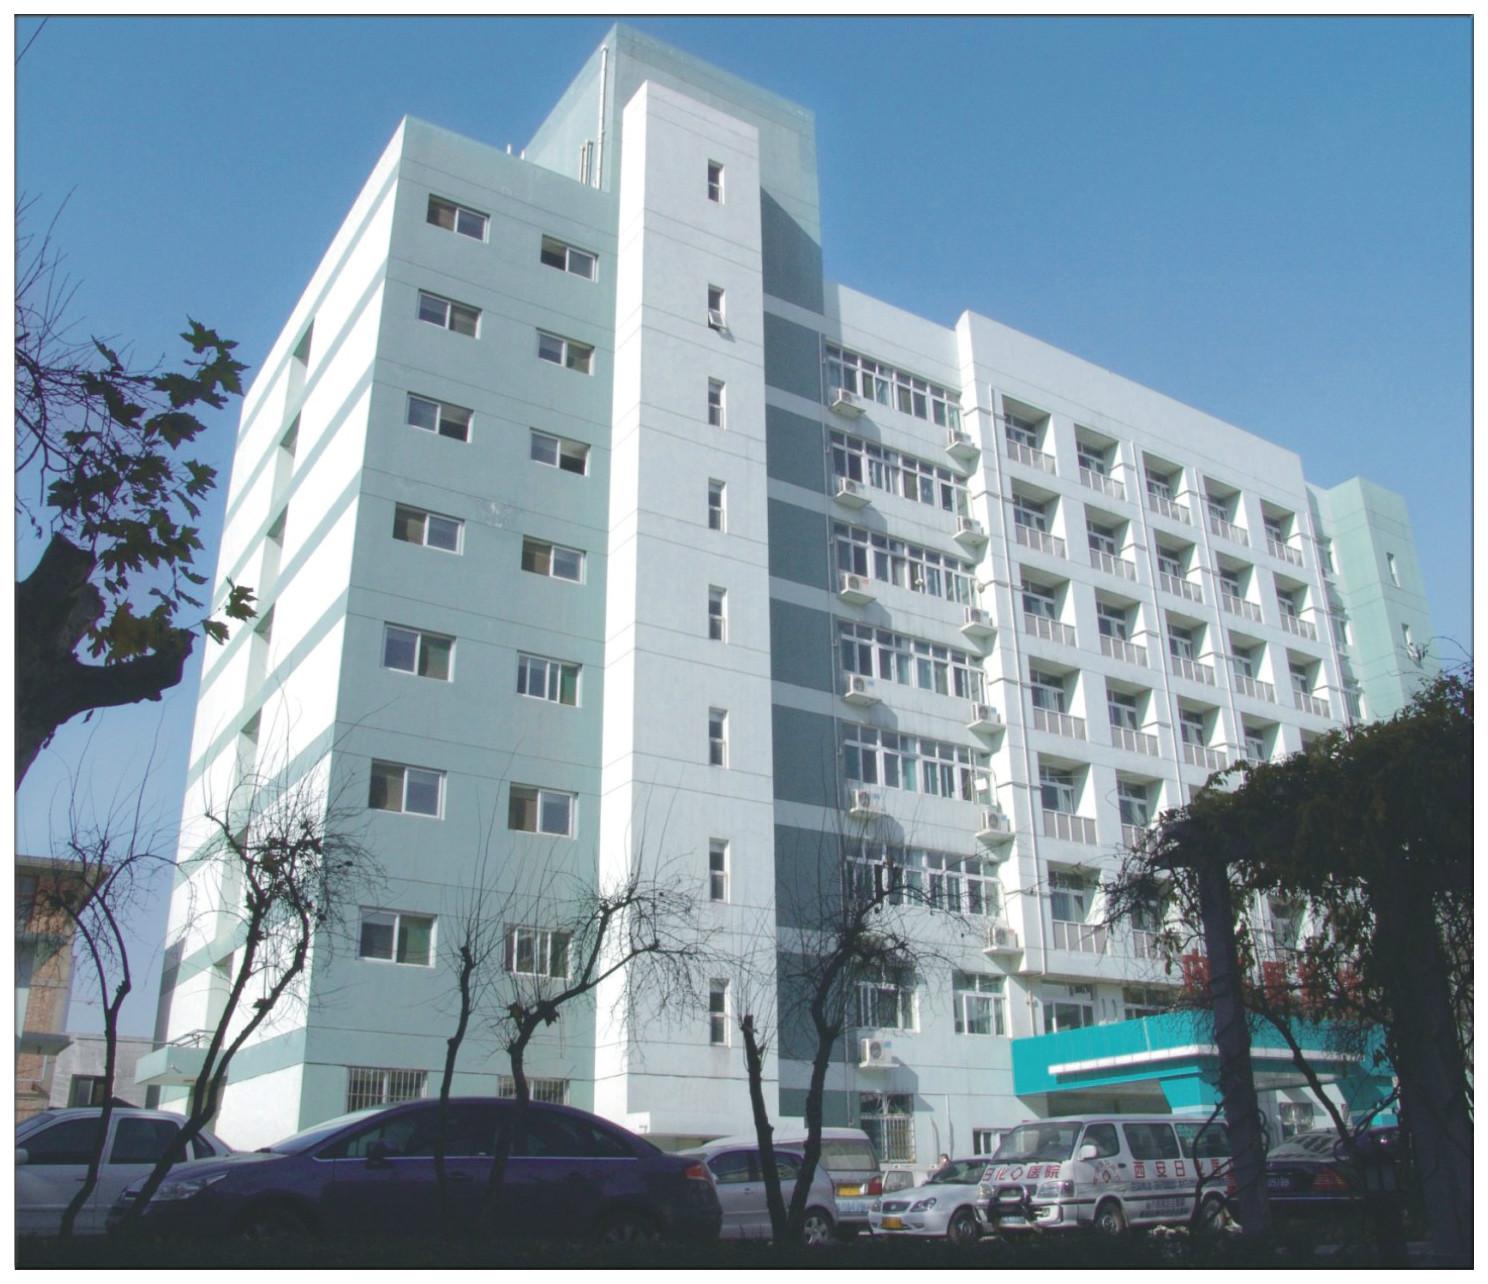 兵器工业部521医院医技楼万博max电脑网页版登录入口